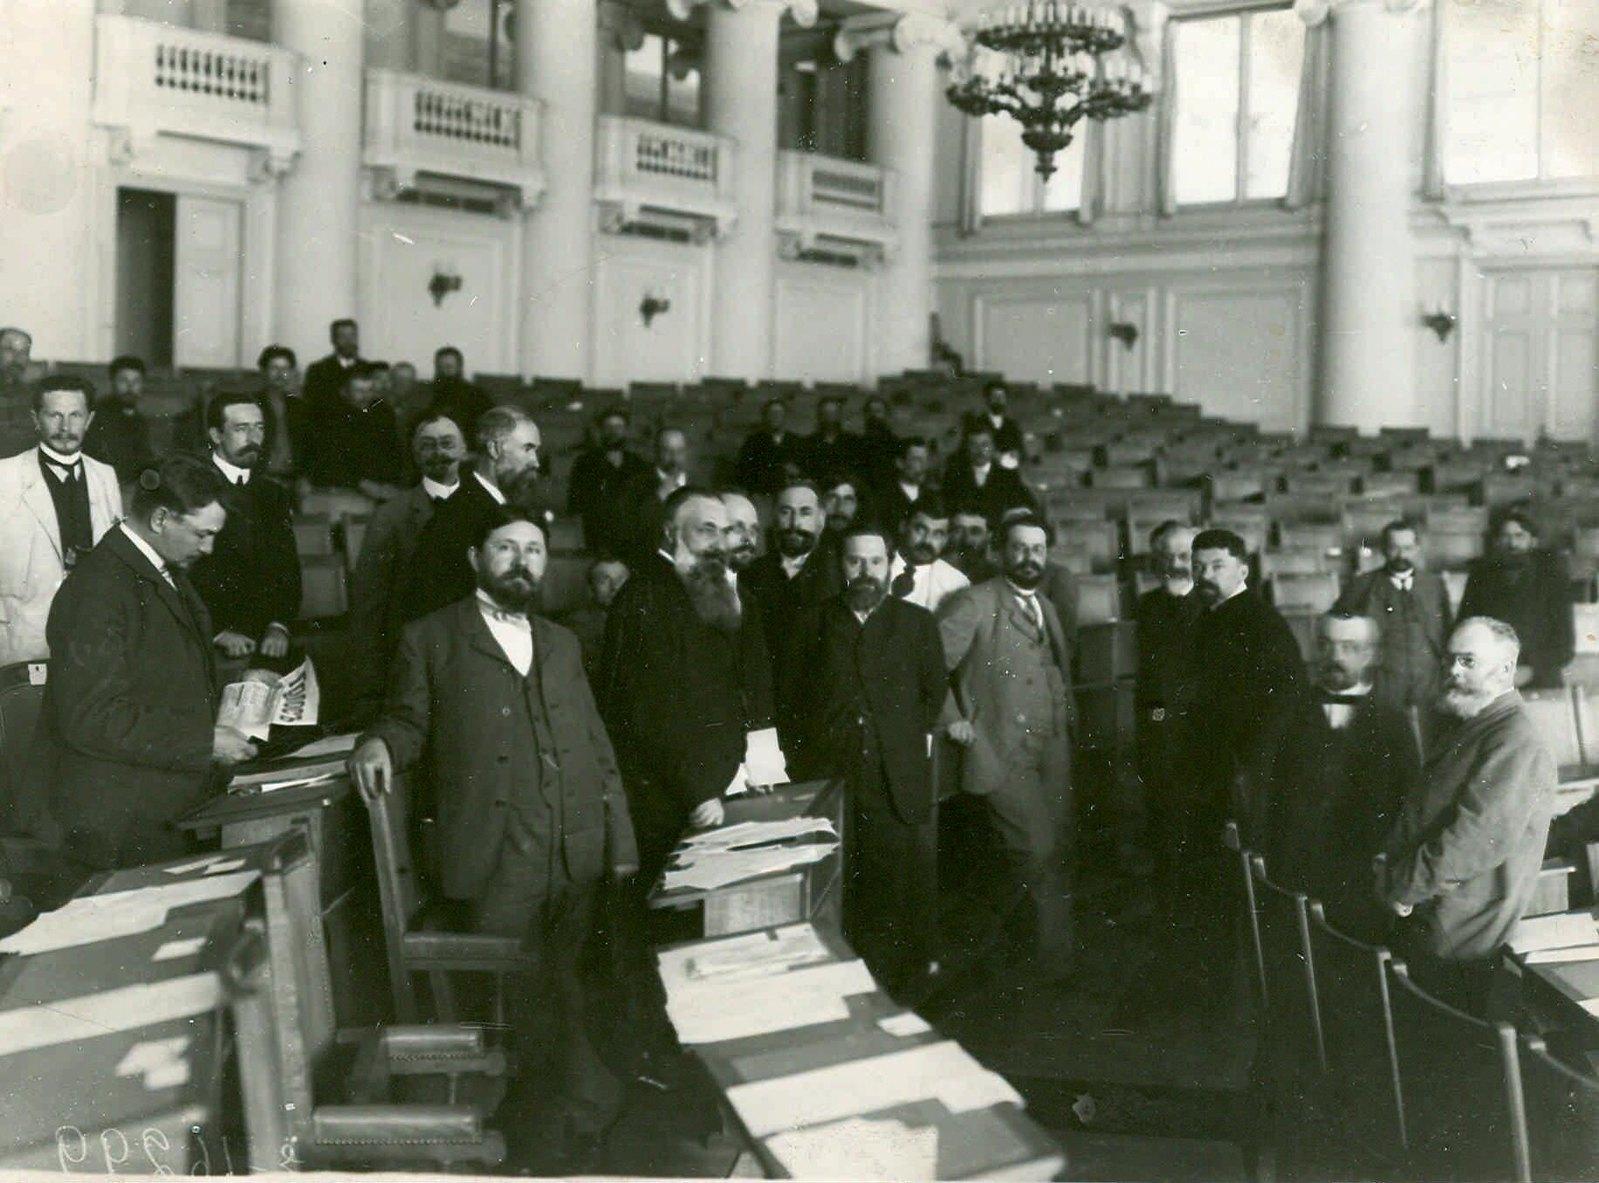 1906. Группа депутатов Первой Государственной Думы в зале заседаний Таврического дворца